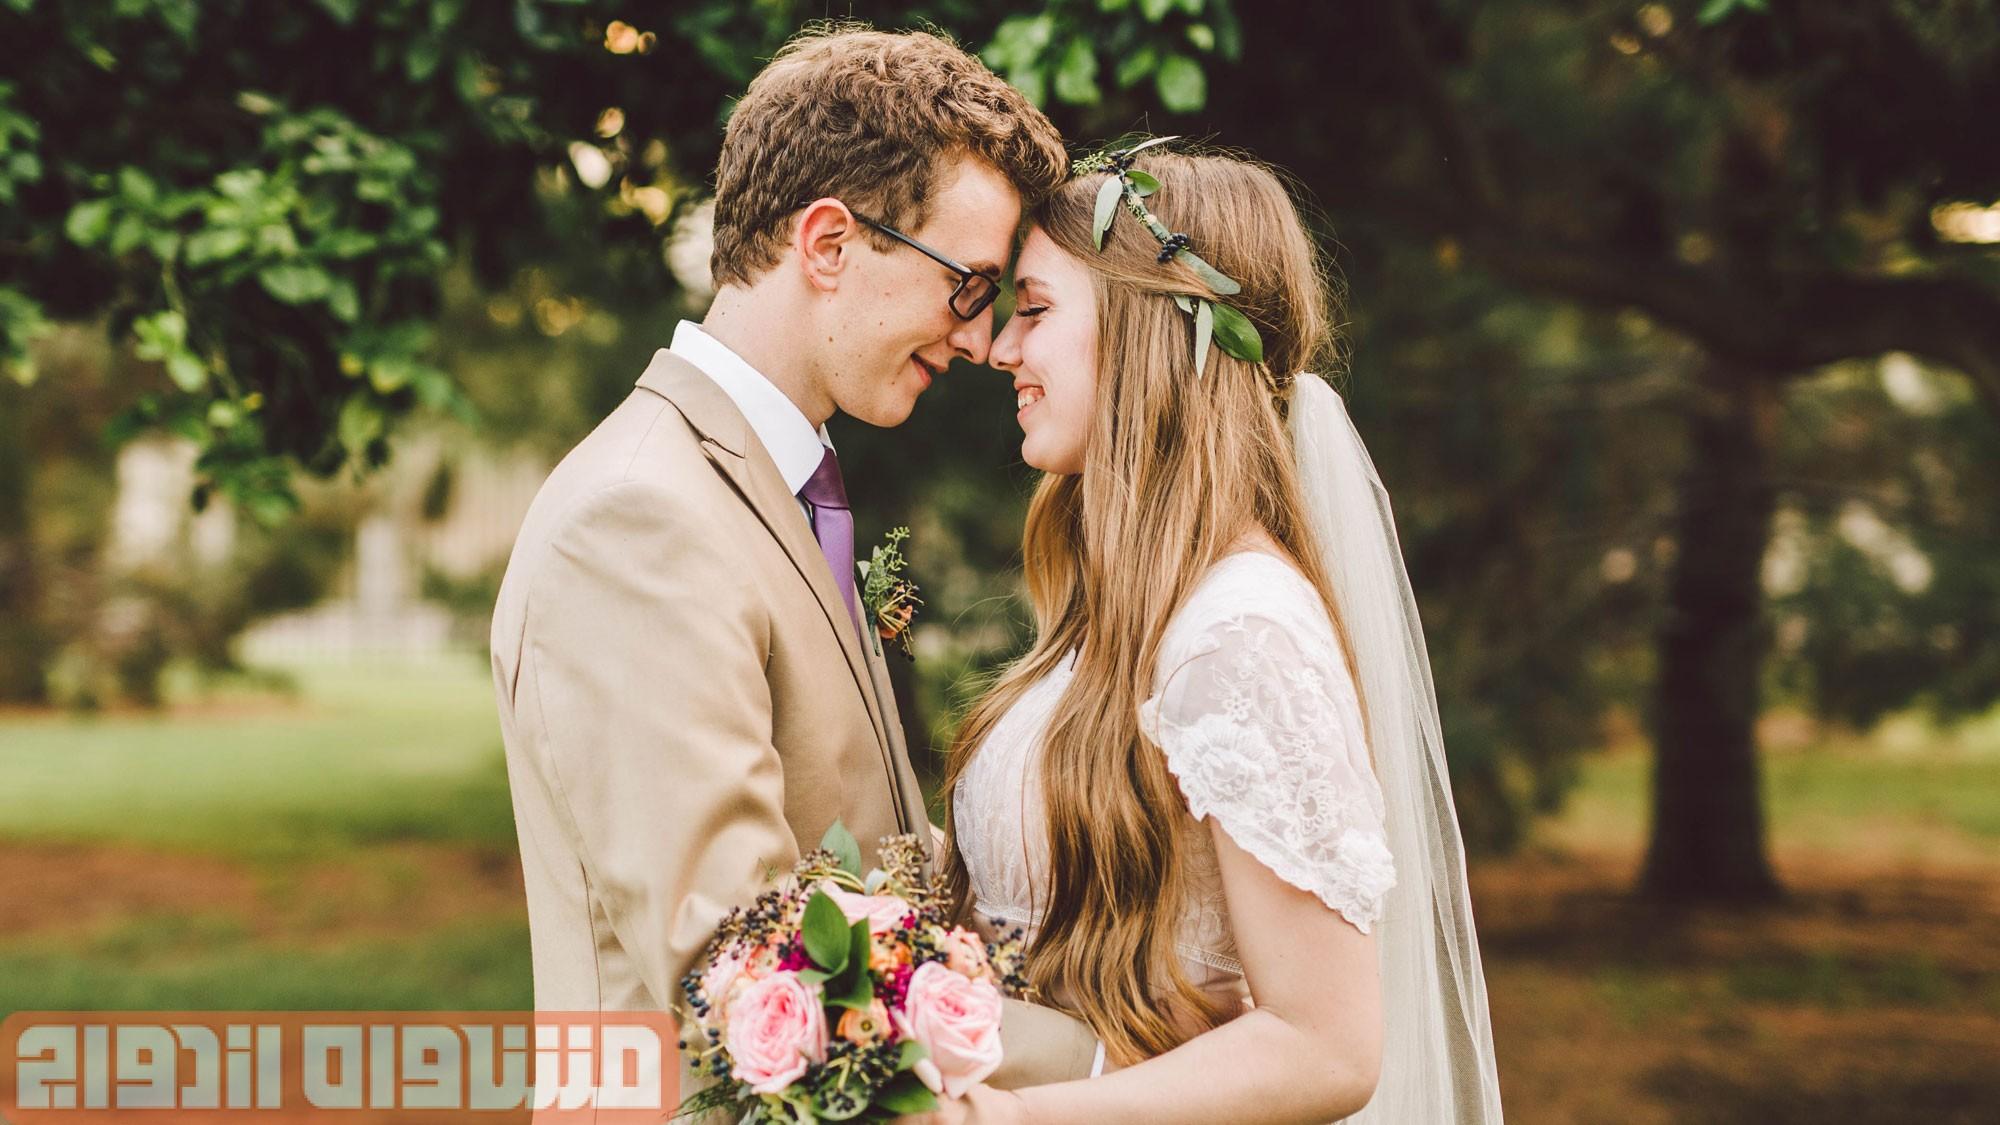 سن کم دختر در ازدواج